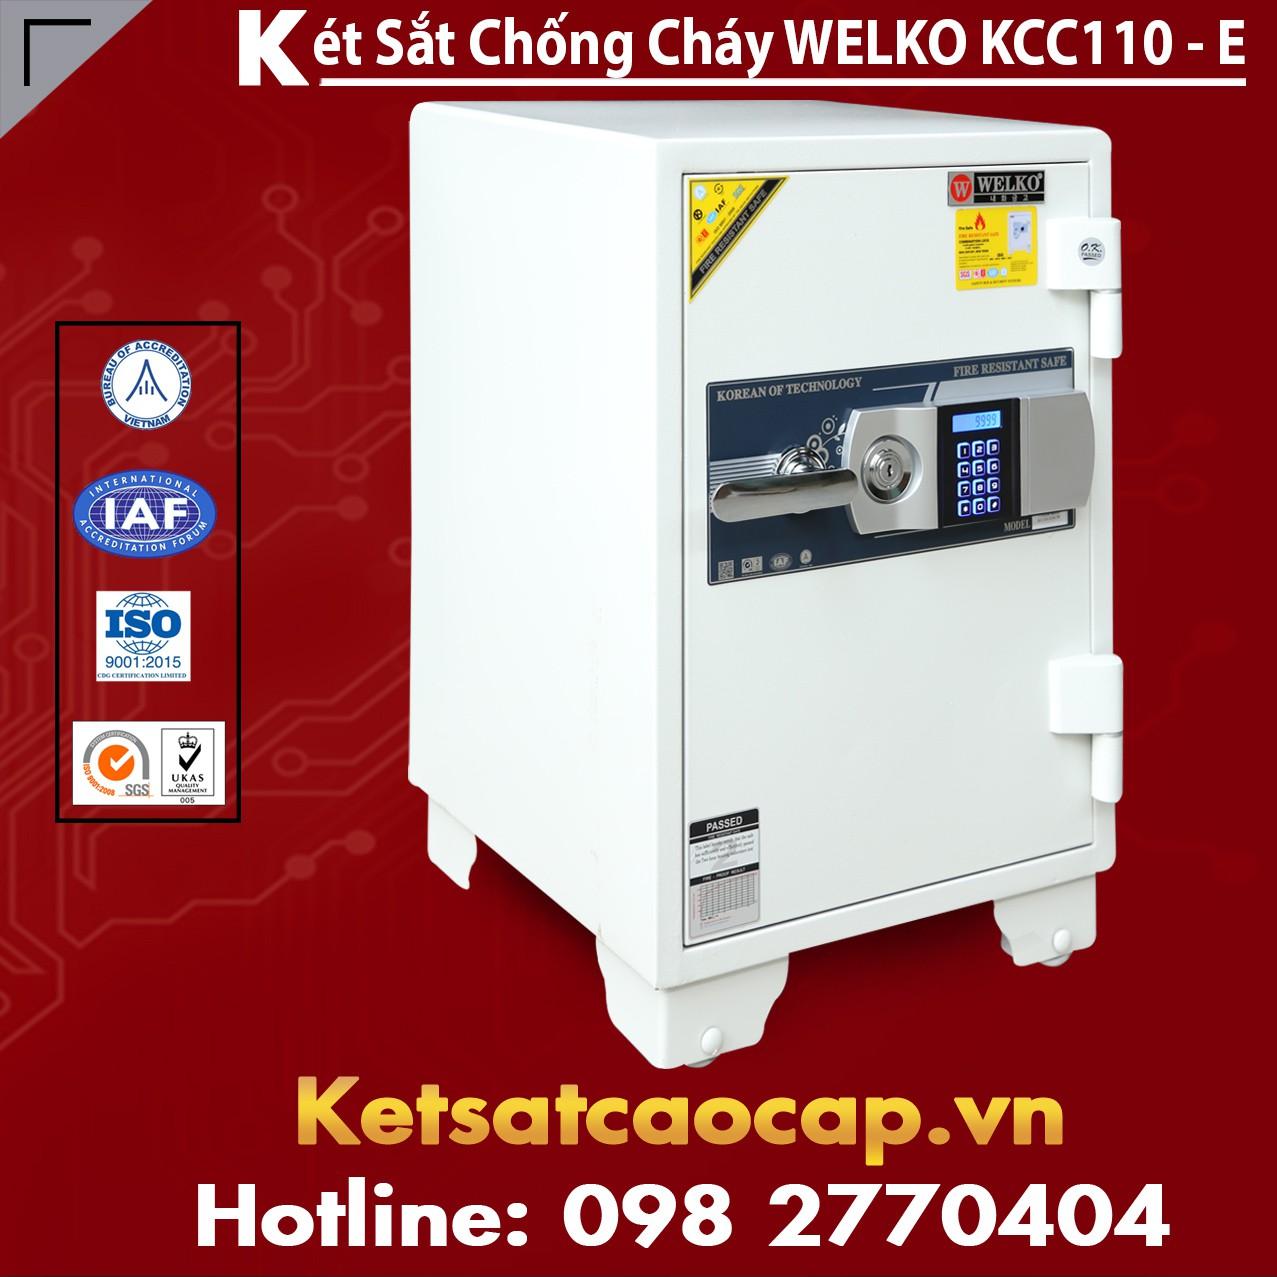 Két Sắt Giá Rẻ KCC110 E Silver - White